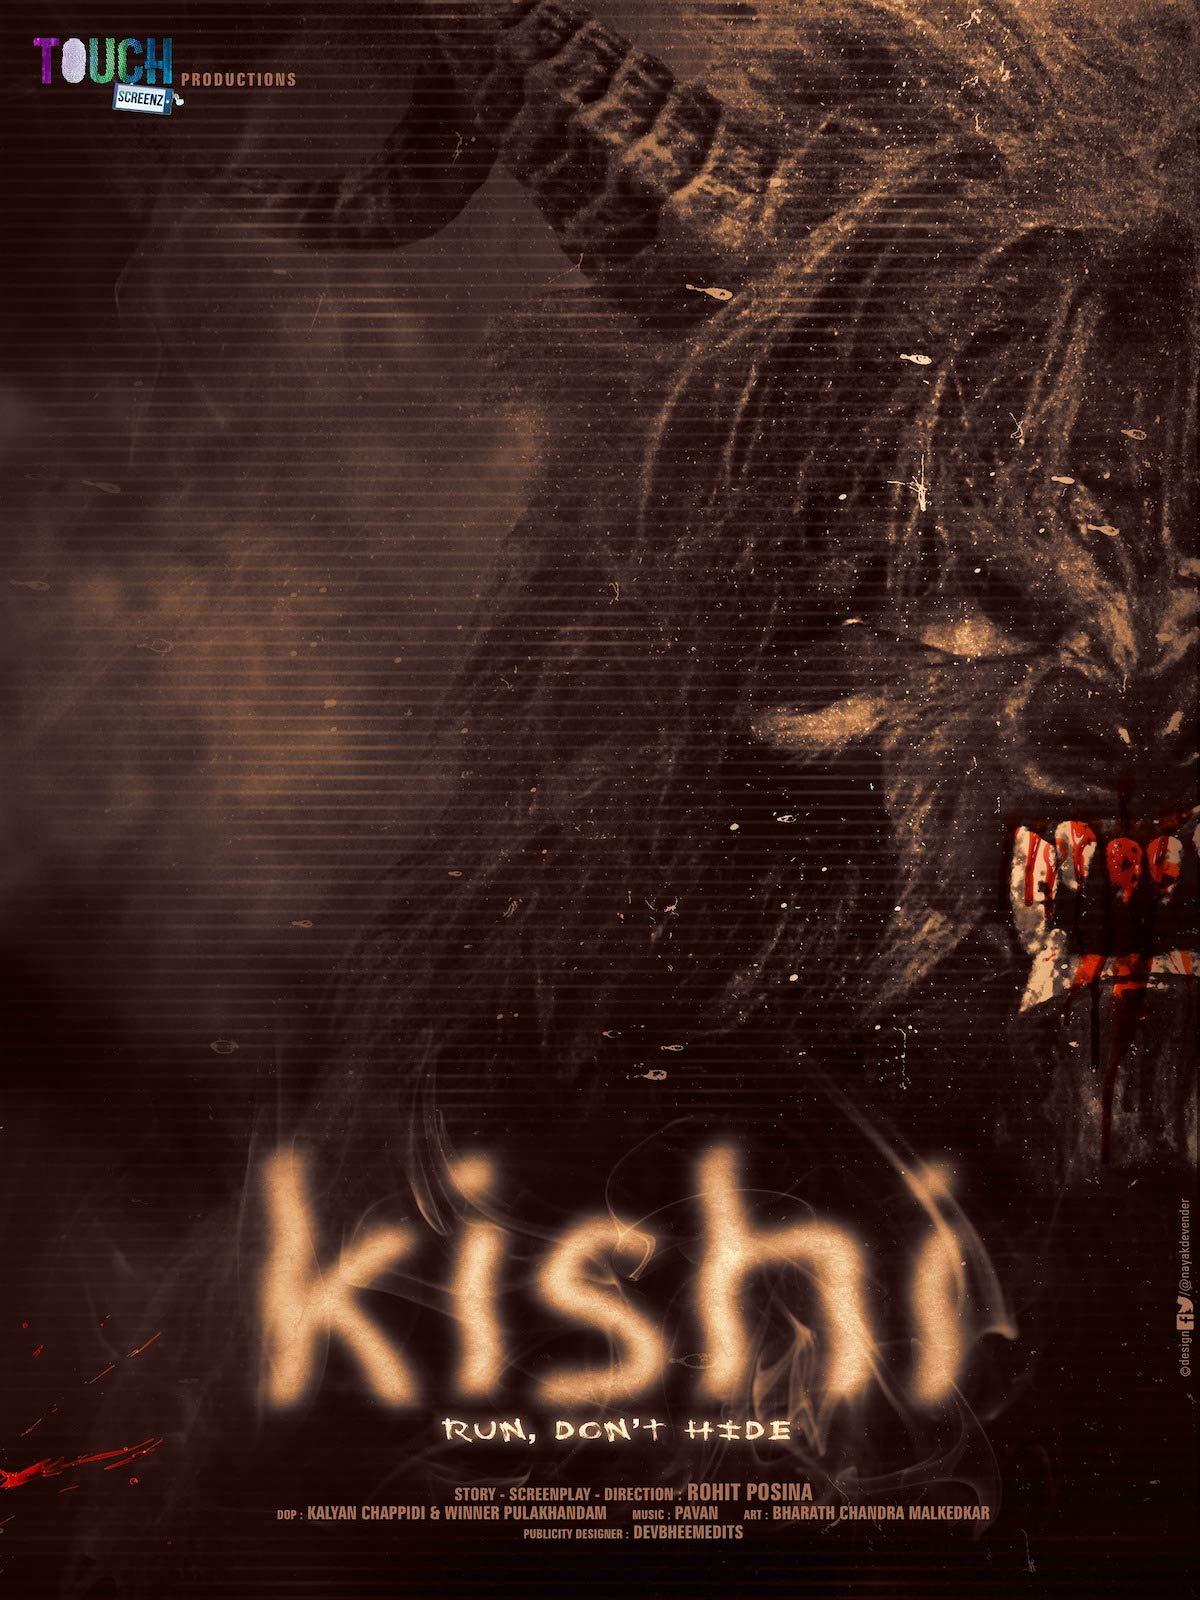 Kishi - Run Don't Hide on Amazon Prime Video UK